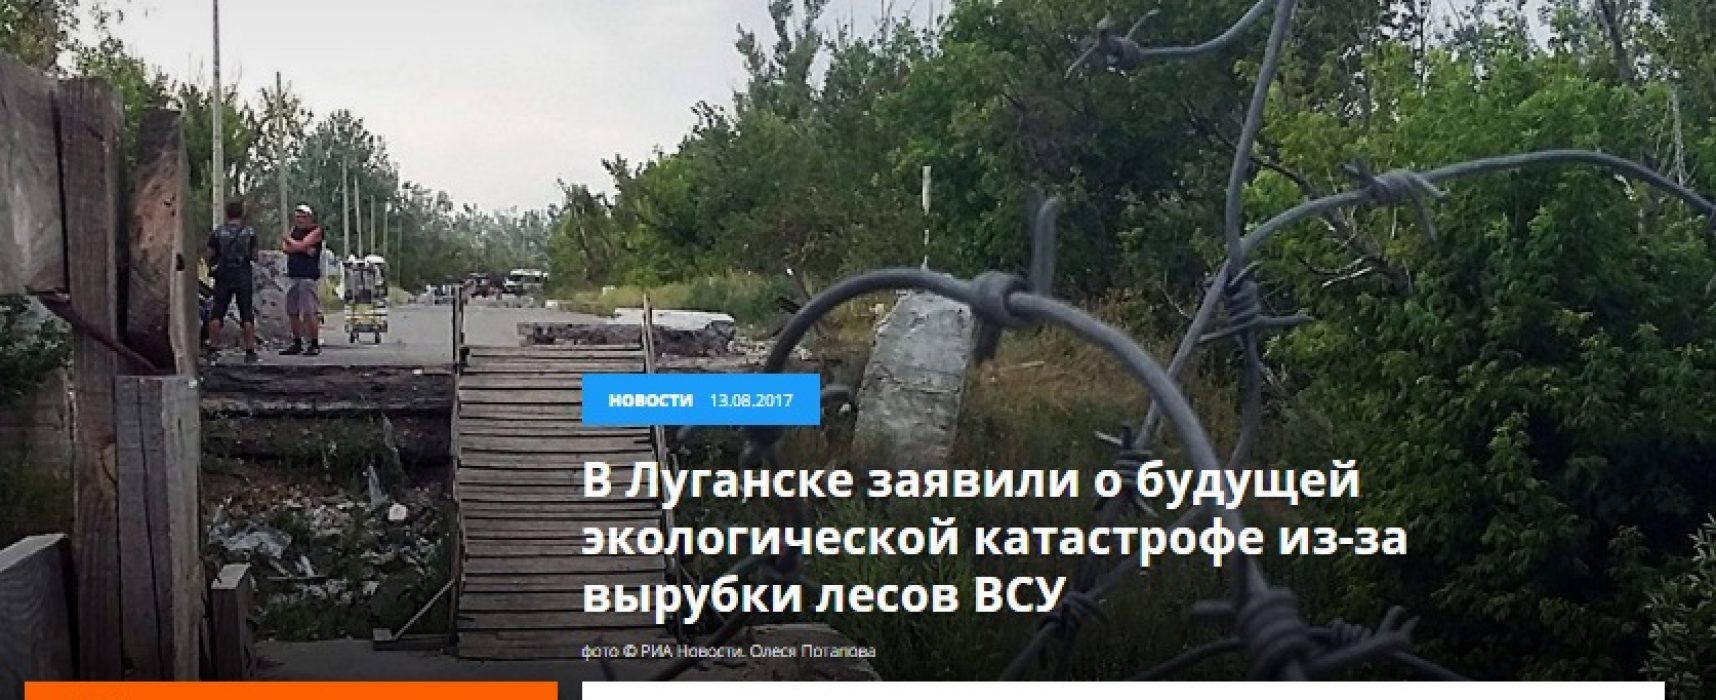 Фейк: Луганск е изправен пред екологична катастрофа, защото украинските военни изсичат горите